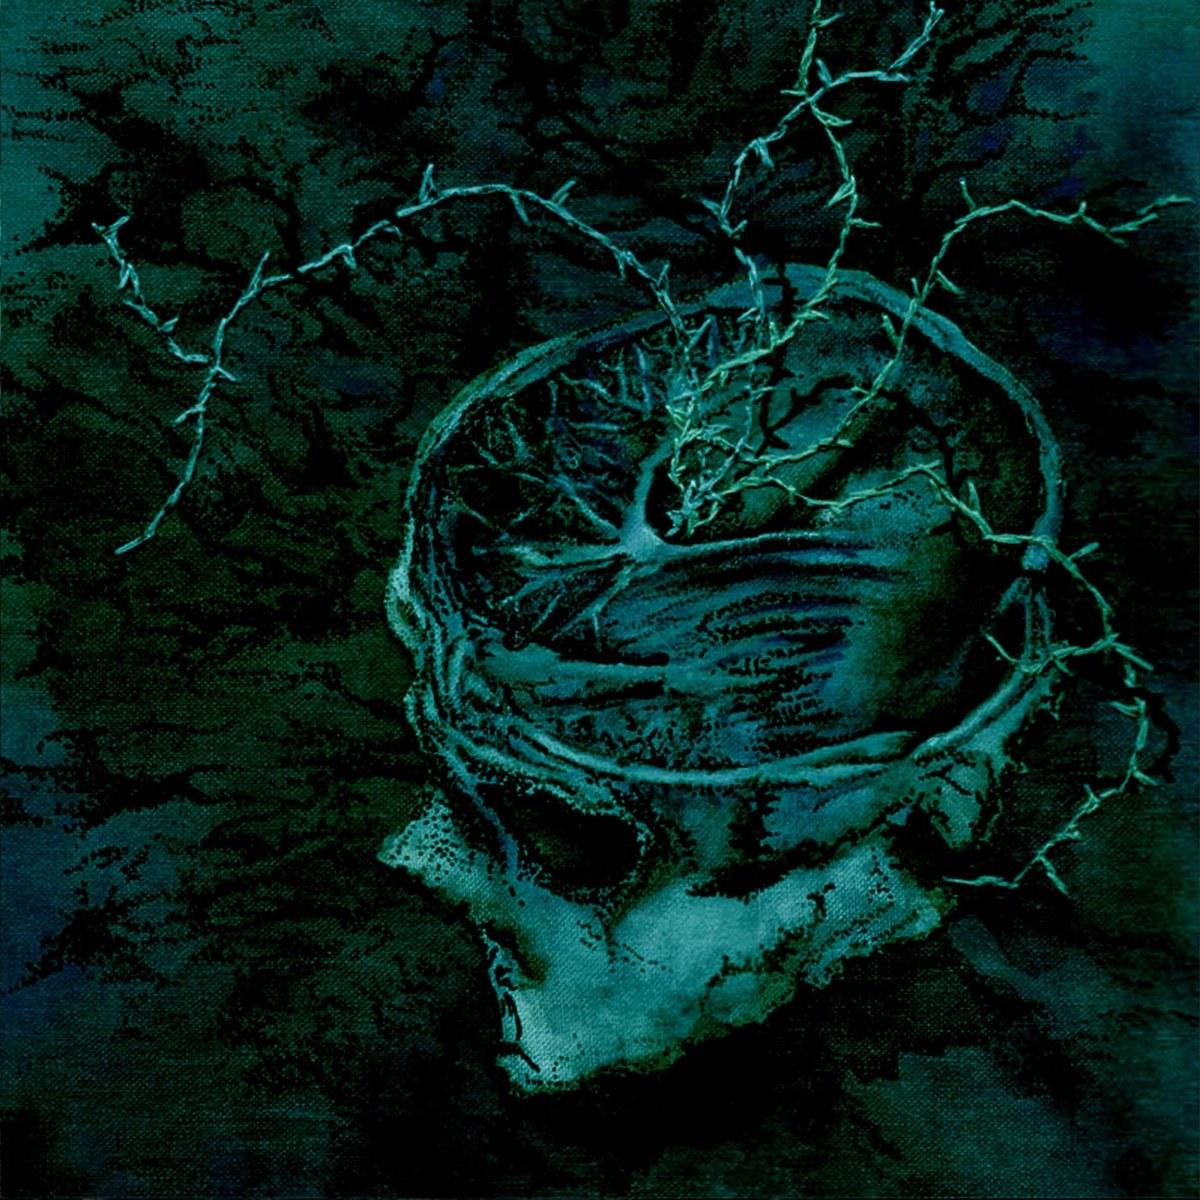 Nachtmystium - Instinct: Decay